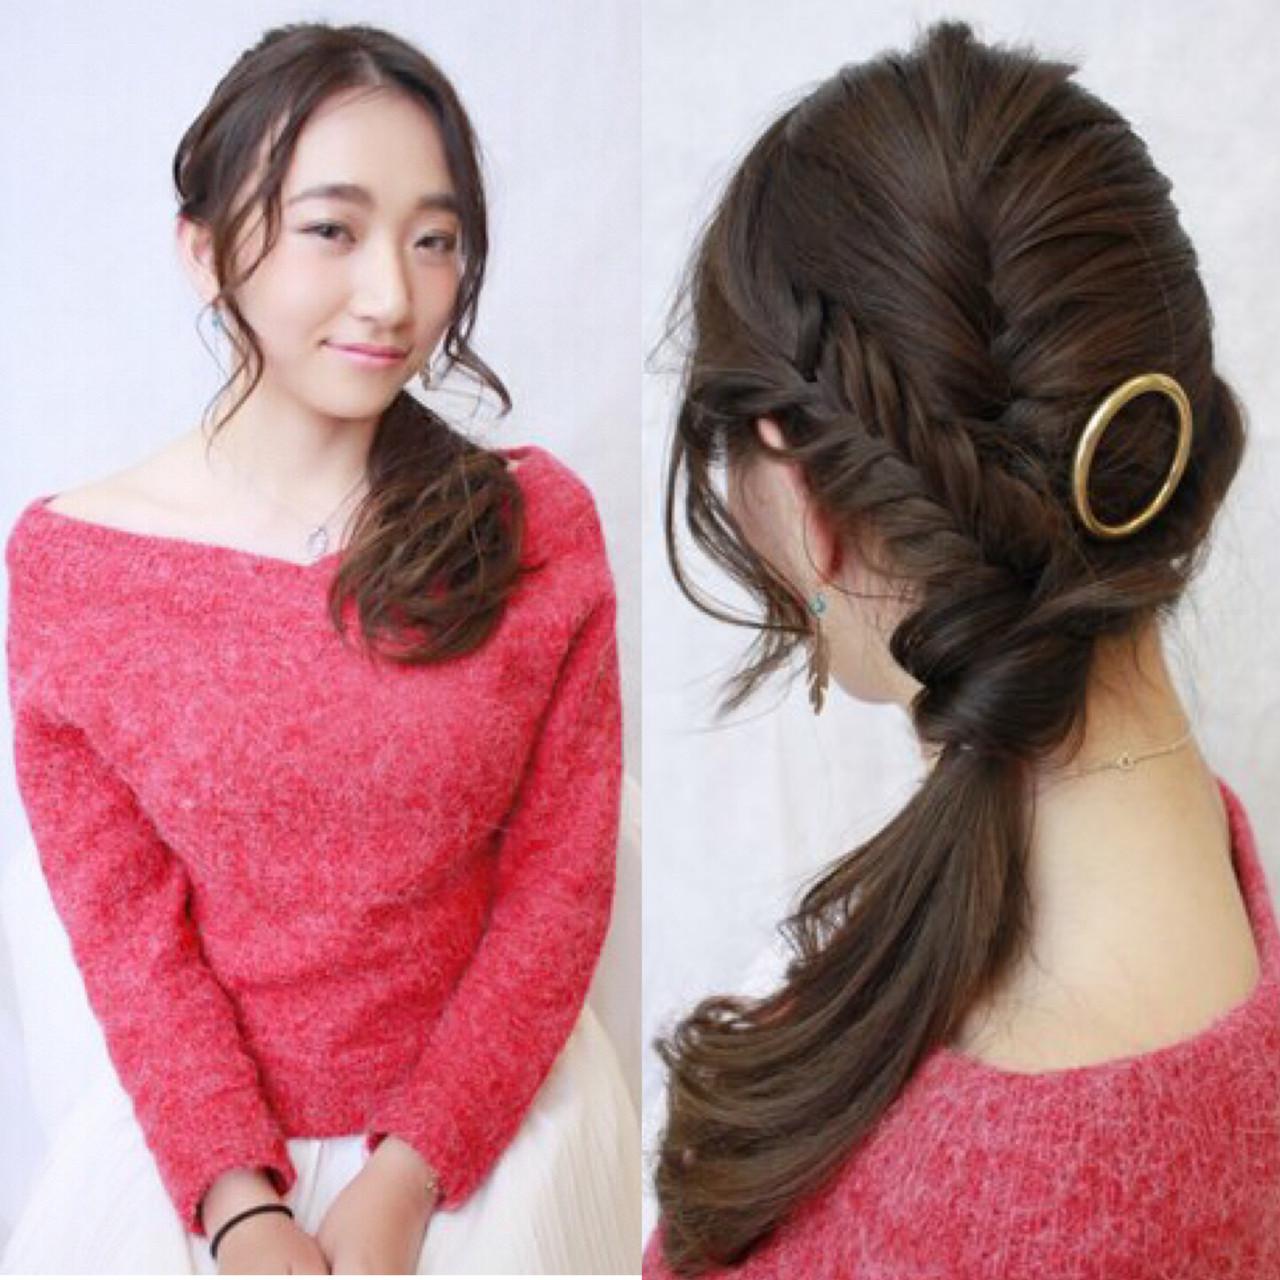 ロング ヘアアレンジ ローポニーテール 簡単ヘアアレンジ ヘアスタイルや髪型の写真・画像